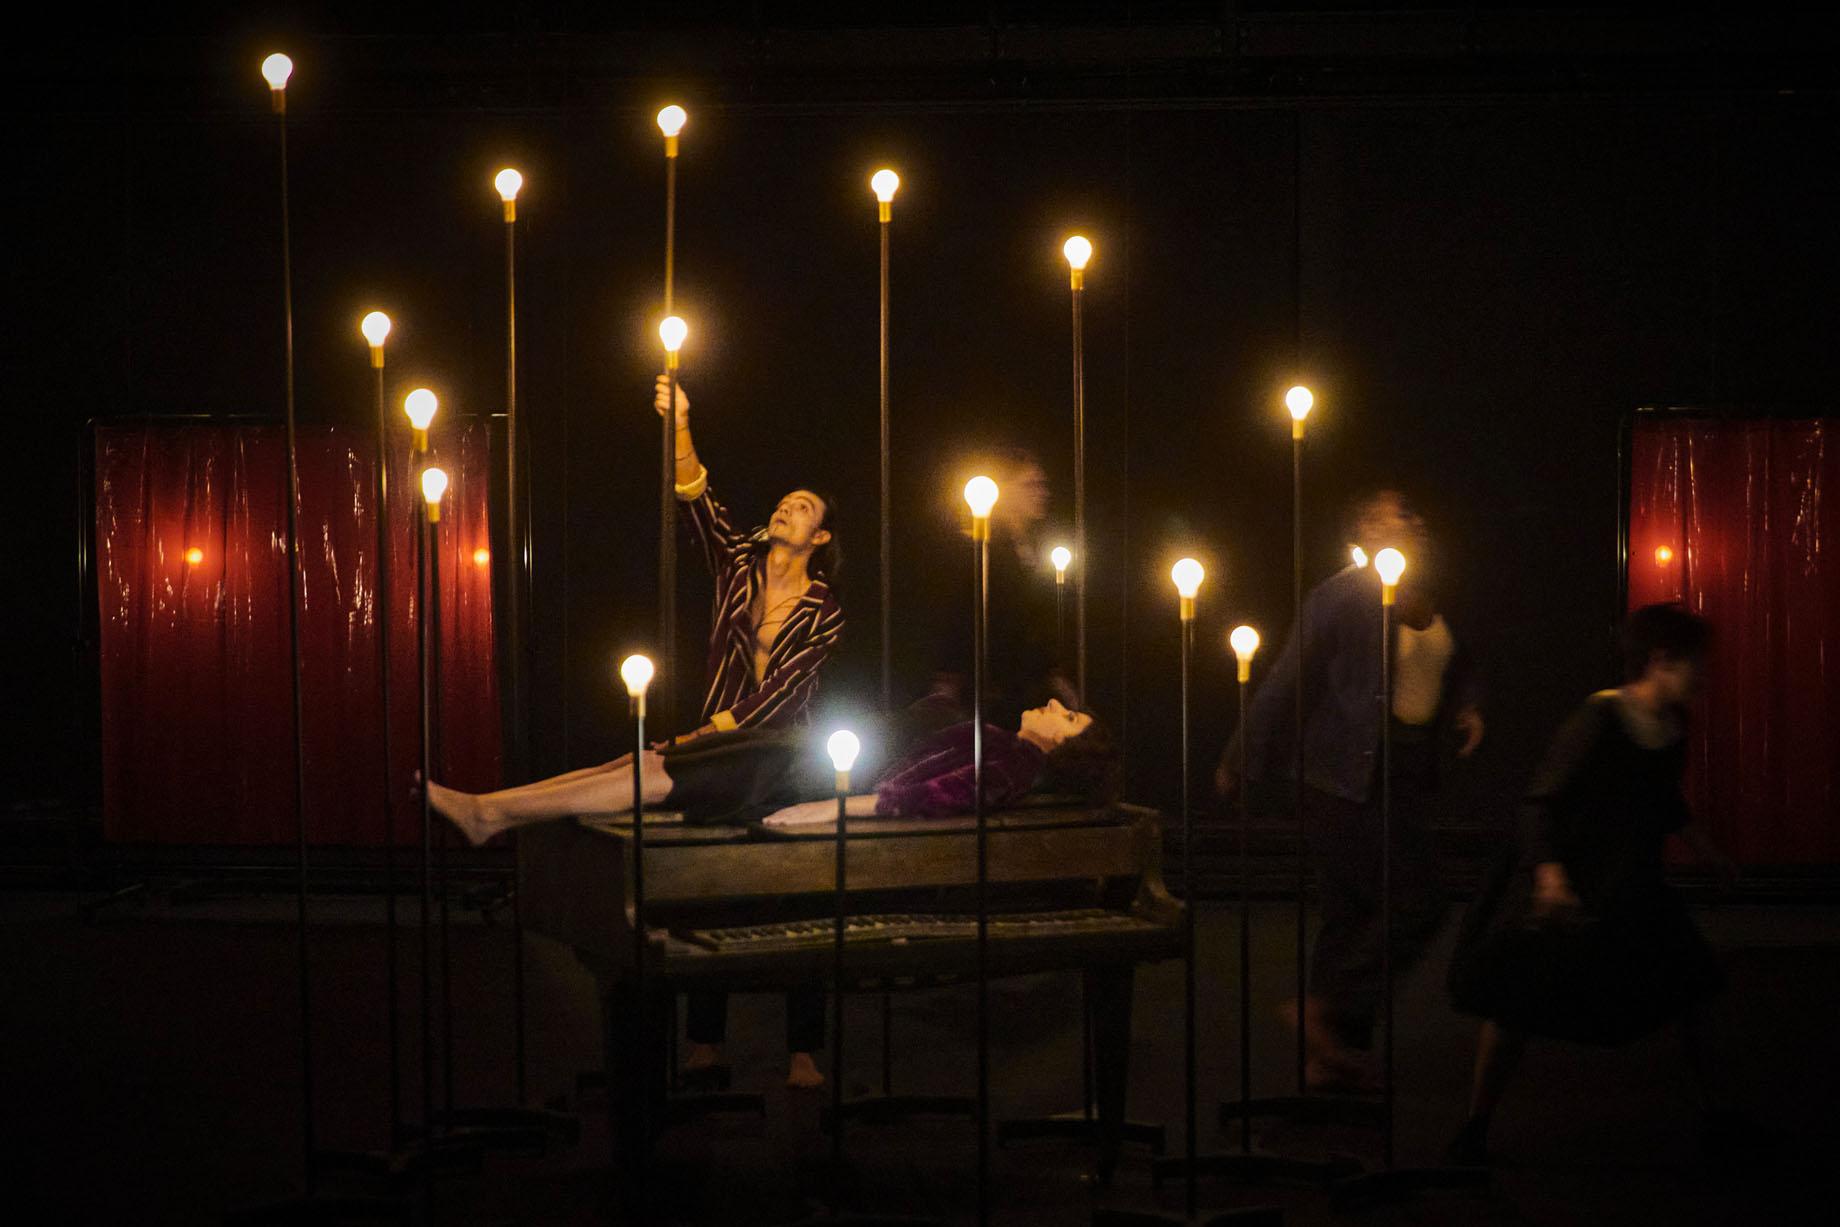 Le Jeu des ombres de Valère Novarina mise en scène de Jean Bellorini